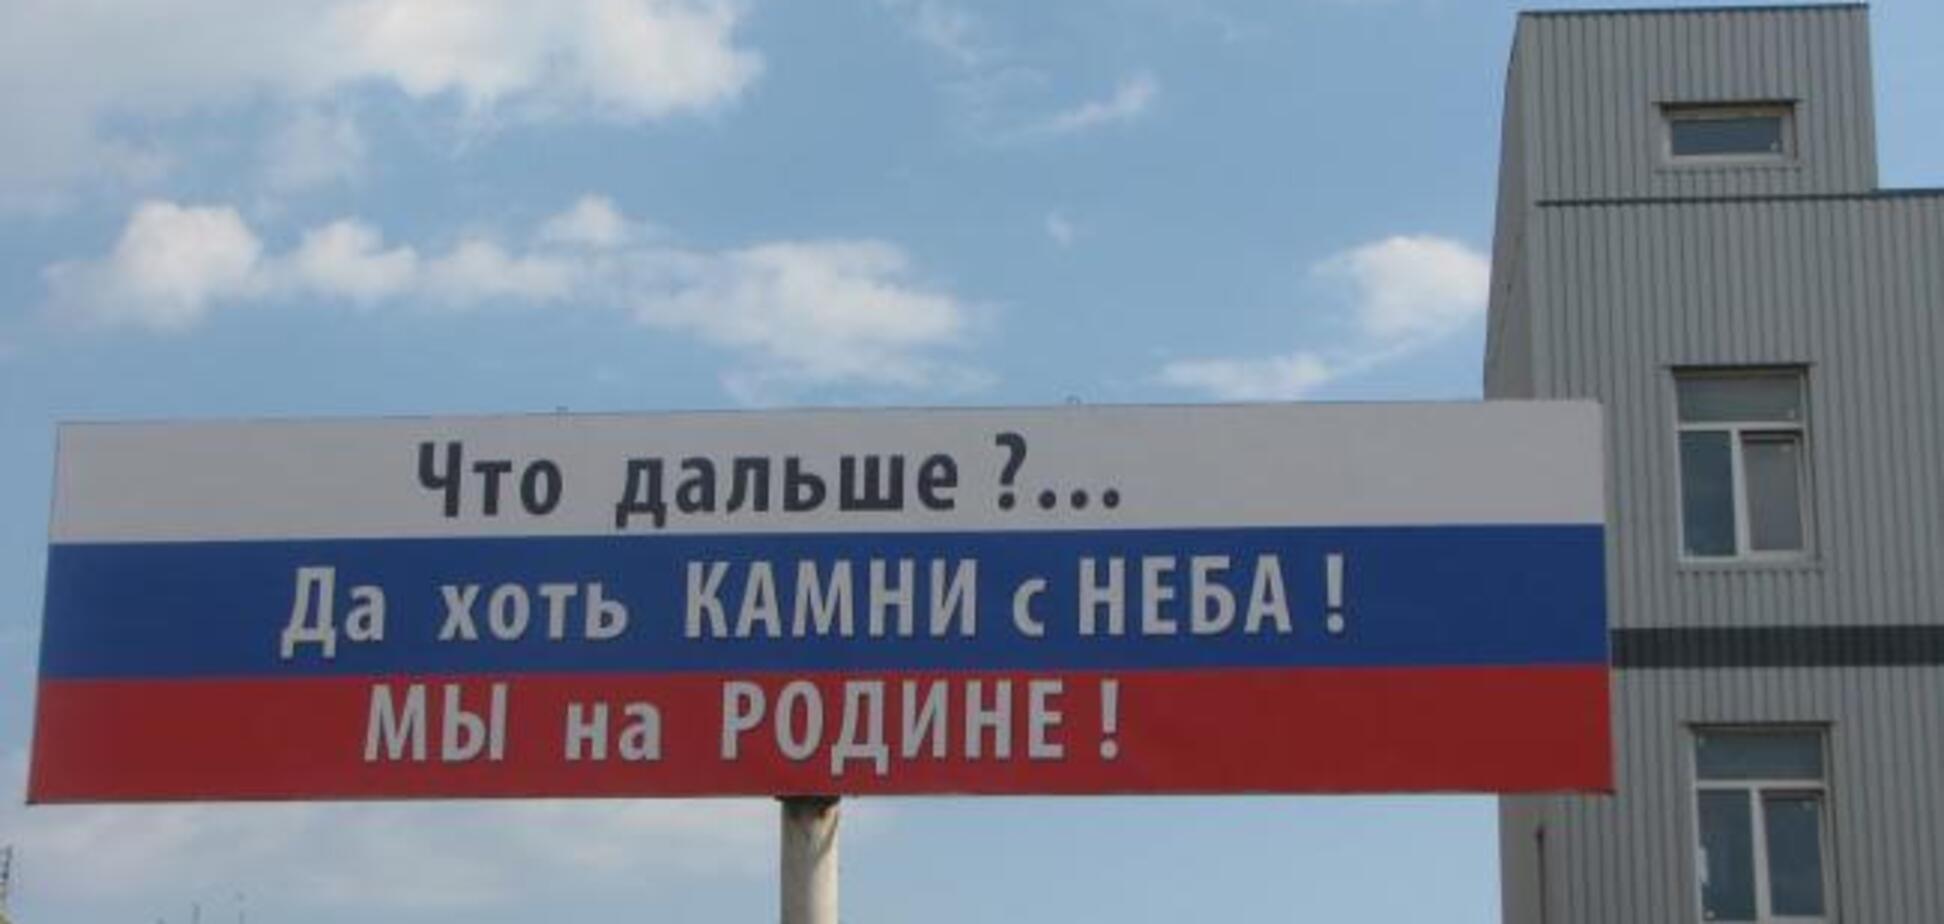 Естественный отбор в Крыму: Украине - украинцы. Россие - рабы